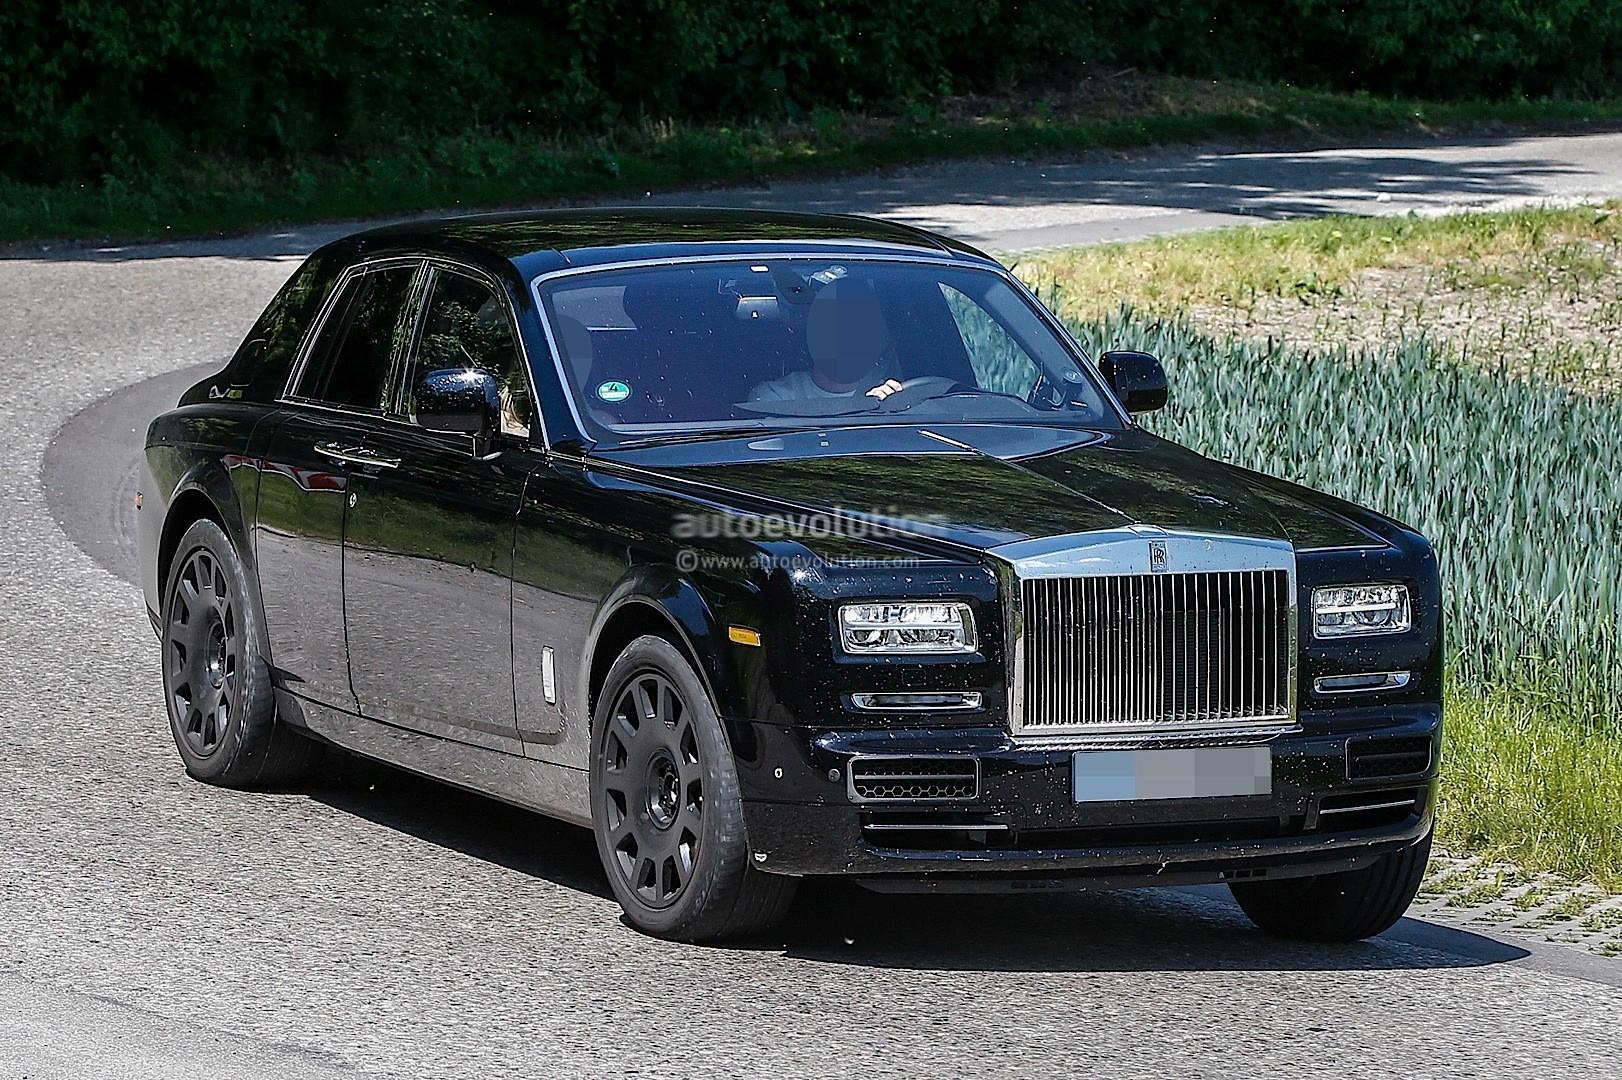 2018 Rolls Royce Cullinan Suv Spied Testing New Dashboard